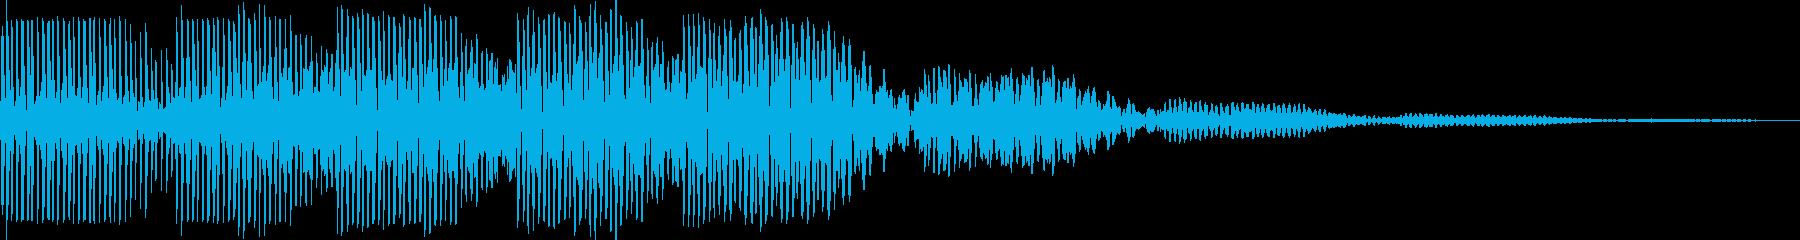 ブウウン(ワープ レーザー モニター)の再生済みの波形